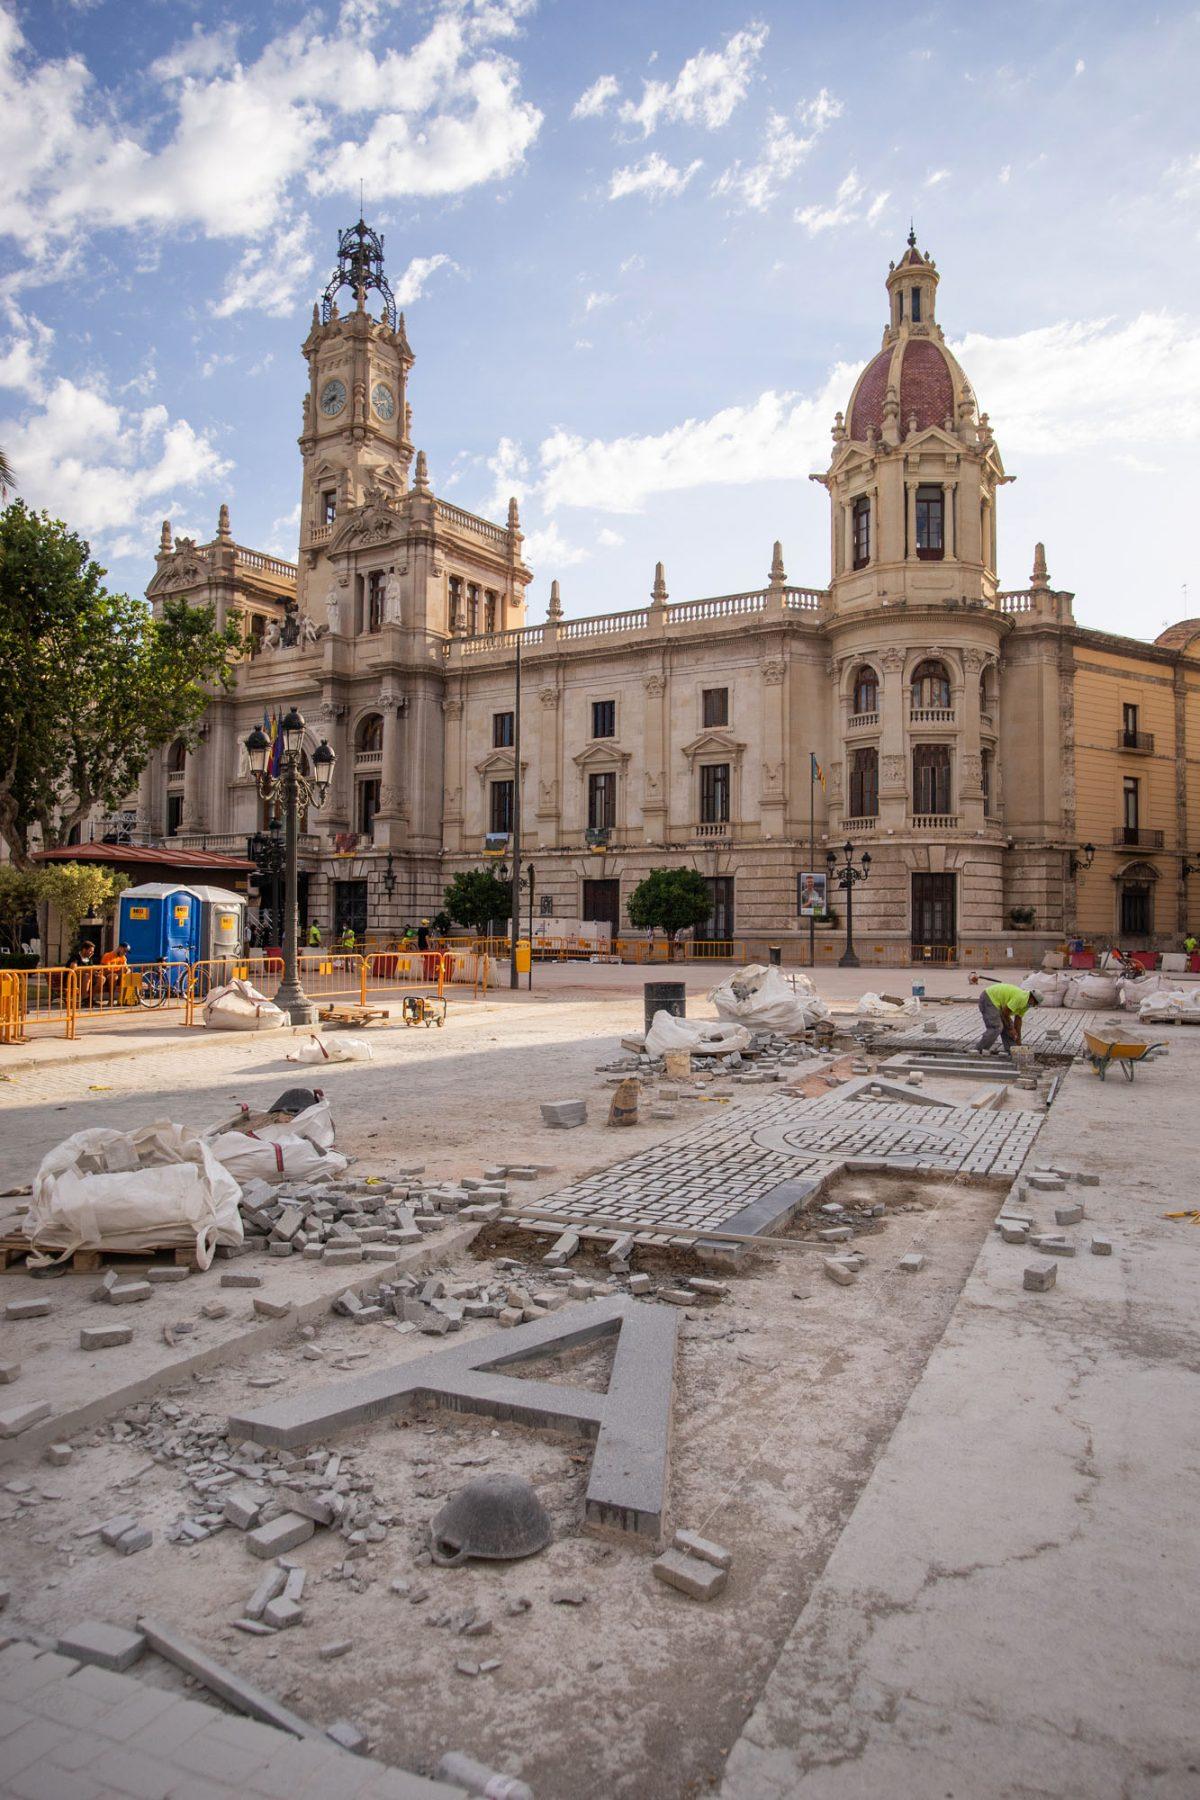 Valencia Name Tag Constructions at Plaza del Ayuntamiento.